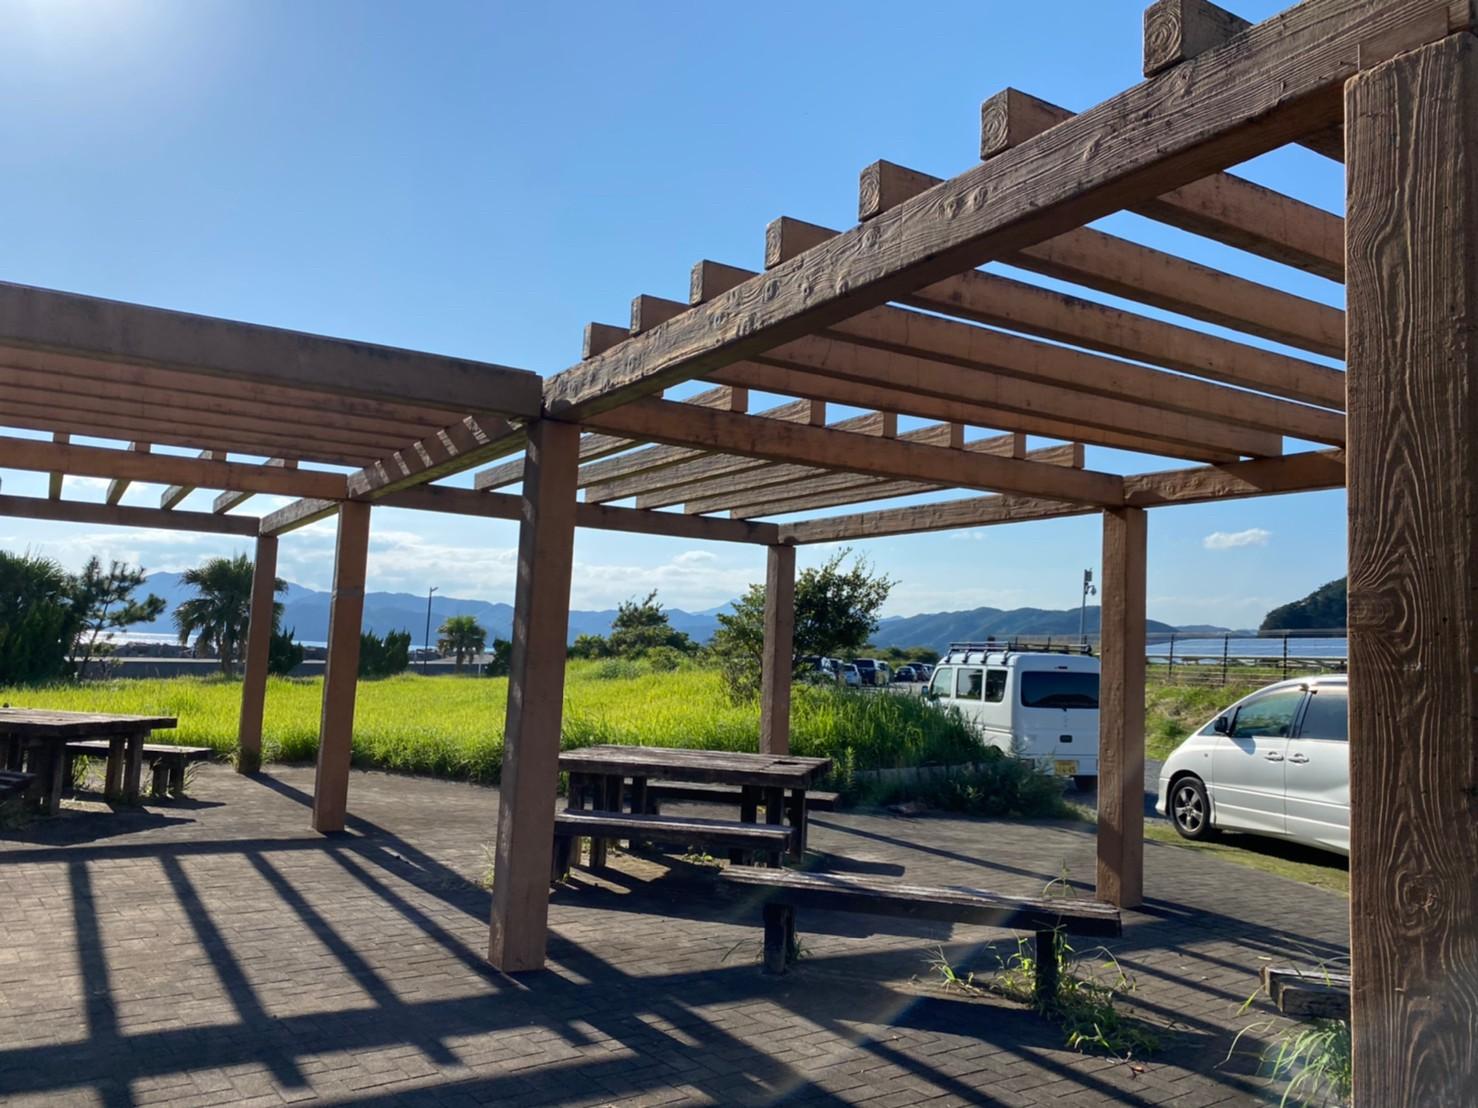 【三重県南伊勢町】『宿田曽漁港』の海釣りガイド(釣れる魚・駐車場・トイレ)